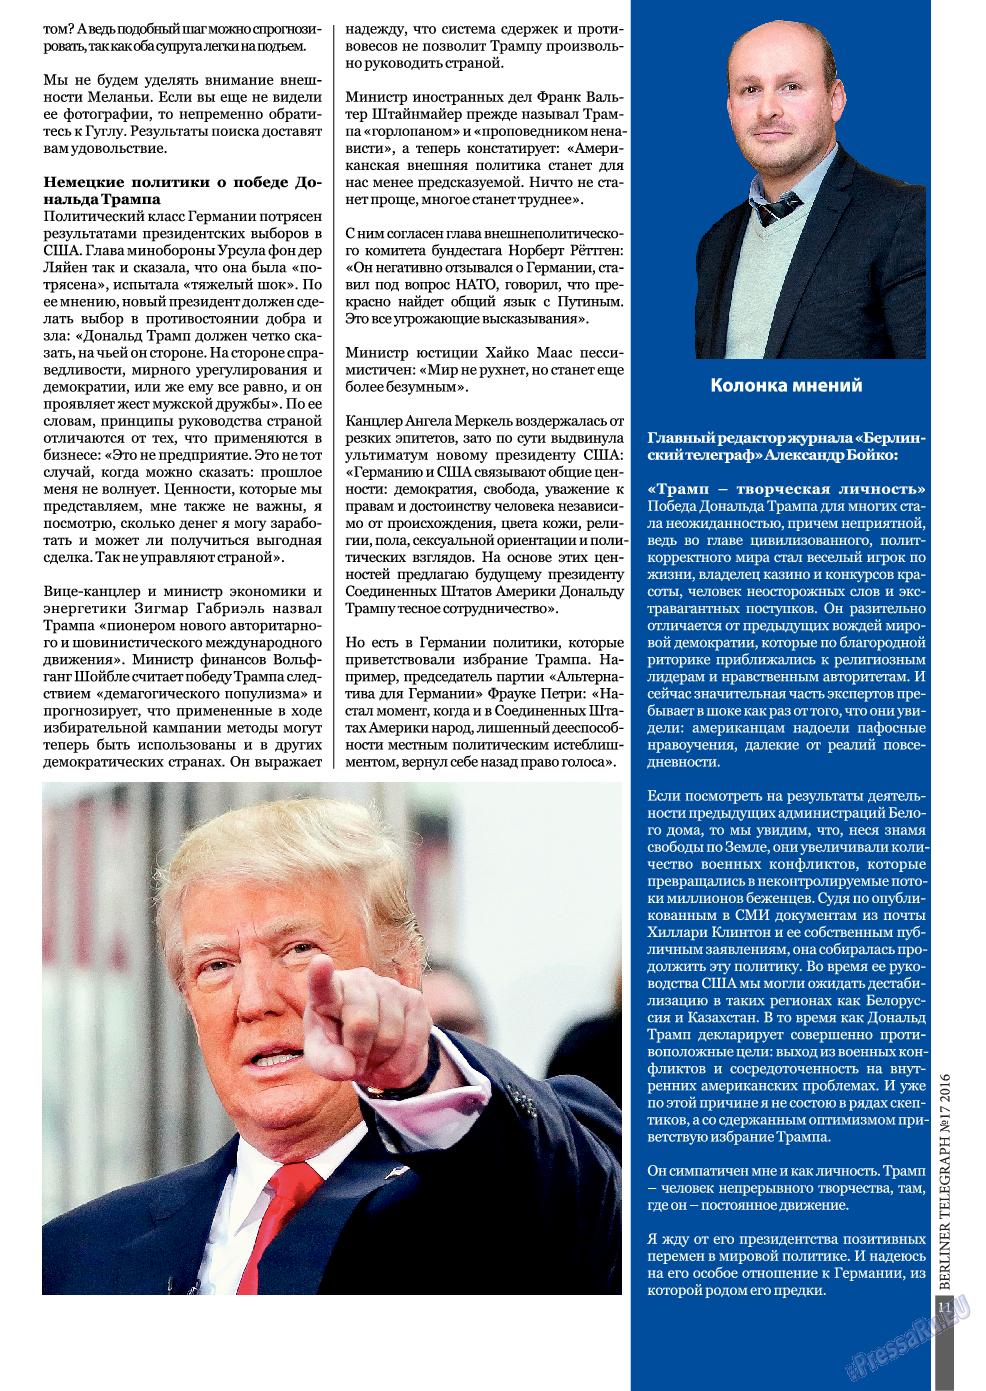 Берлинский телеграф (журнал). 2016 год, номер 17, стр. 11